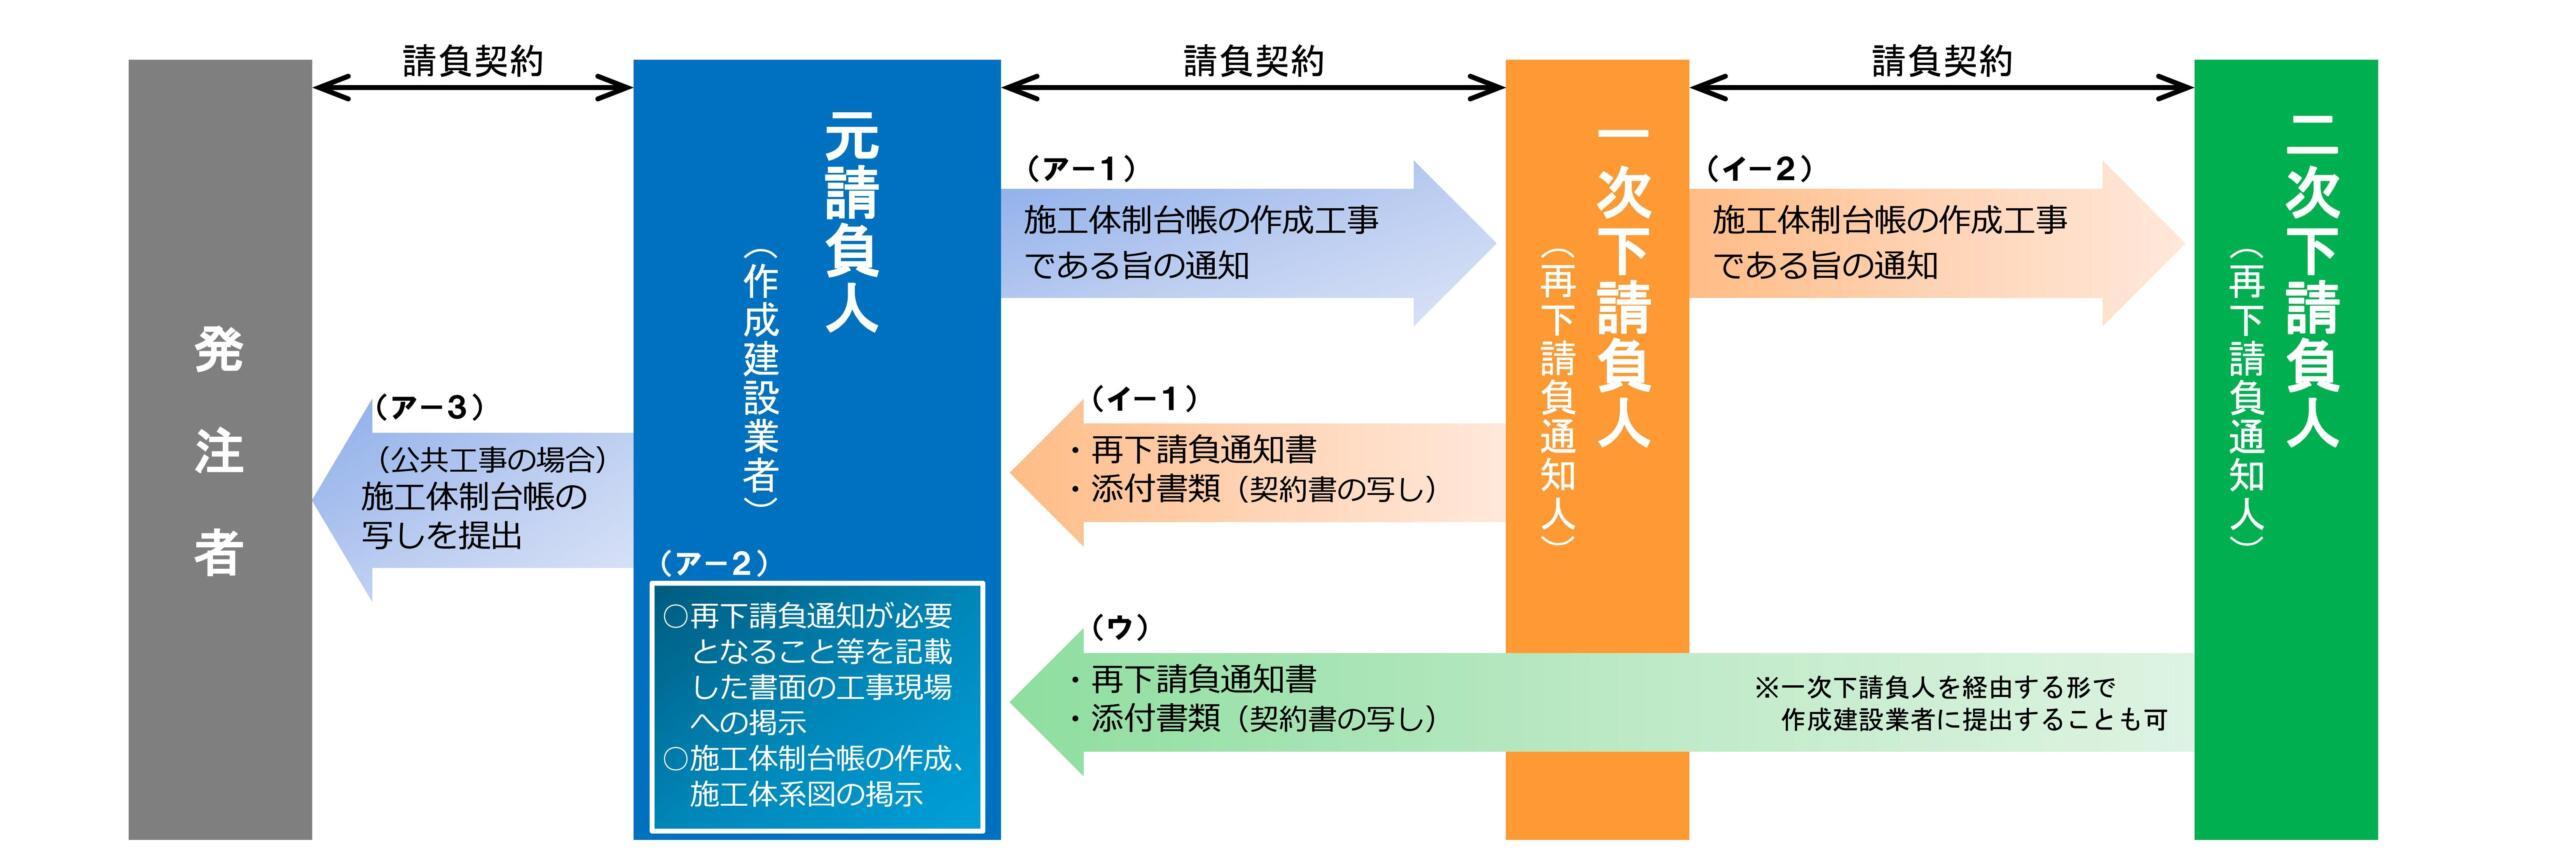 施工体制台帳作成のフロー図